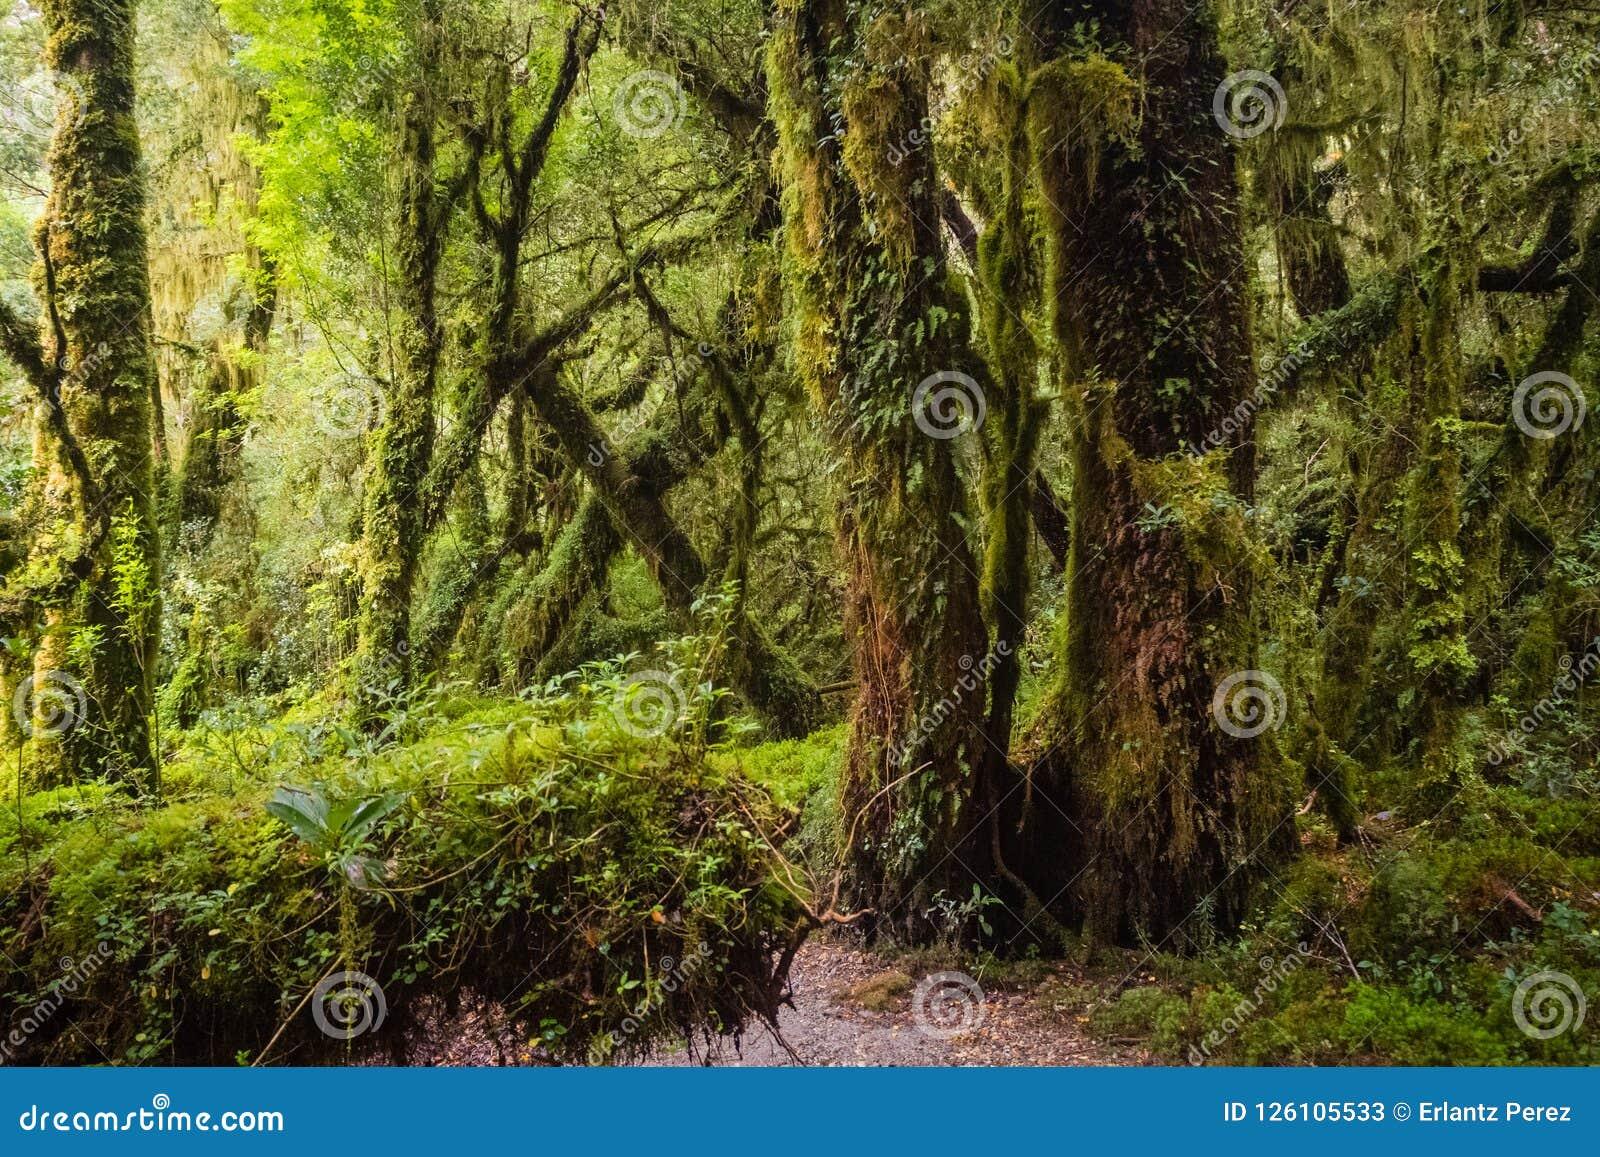 Dettaglio della foresta incantata in carretera australe, enca di Bosque